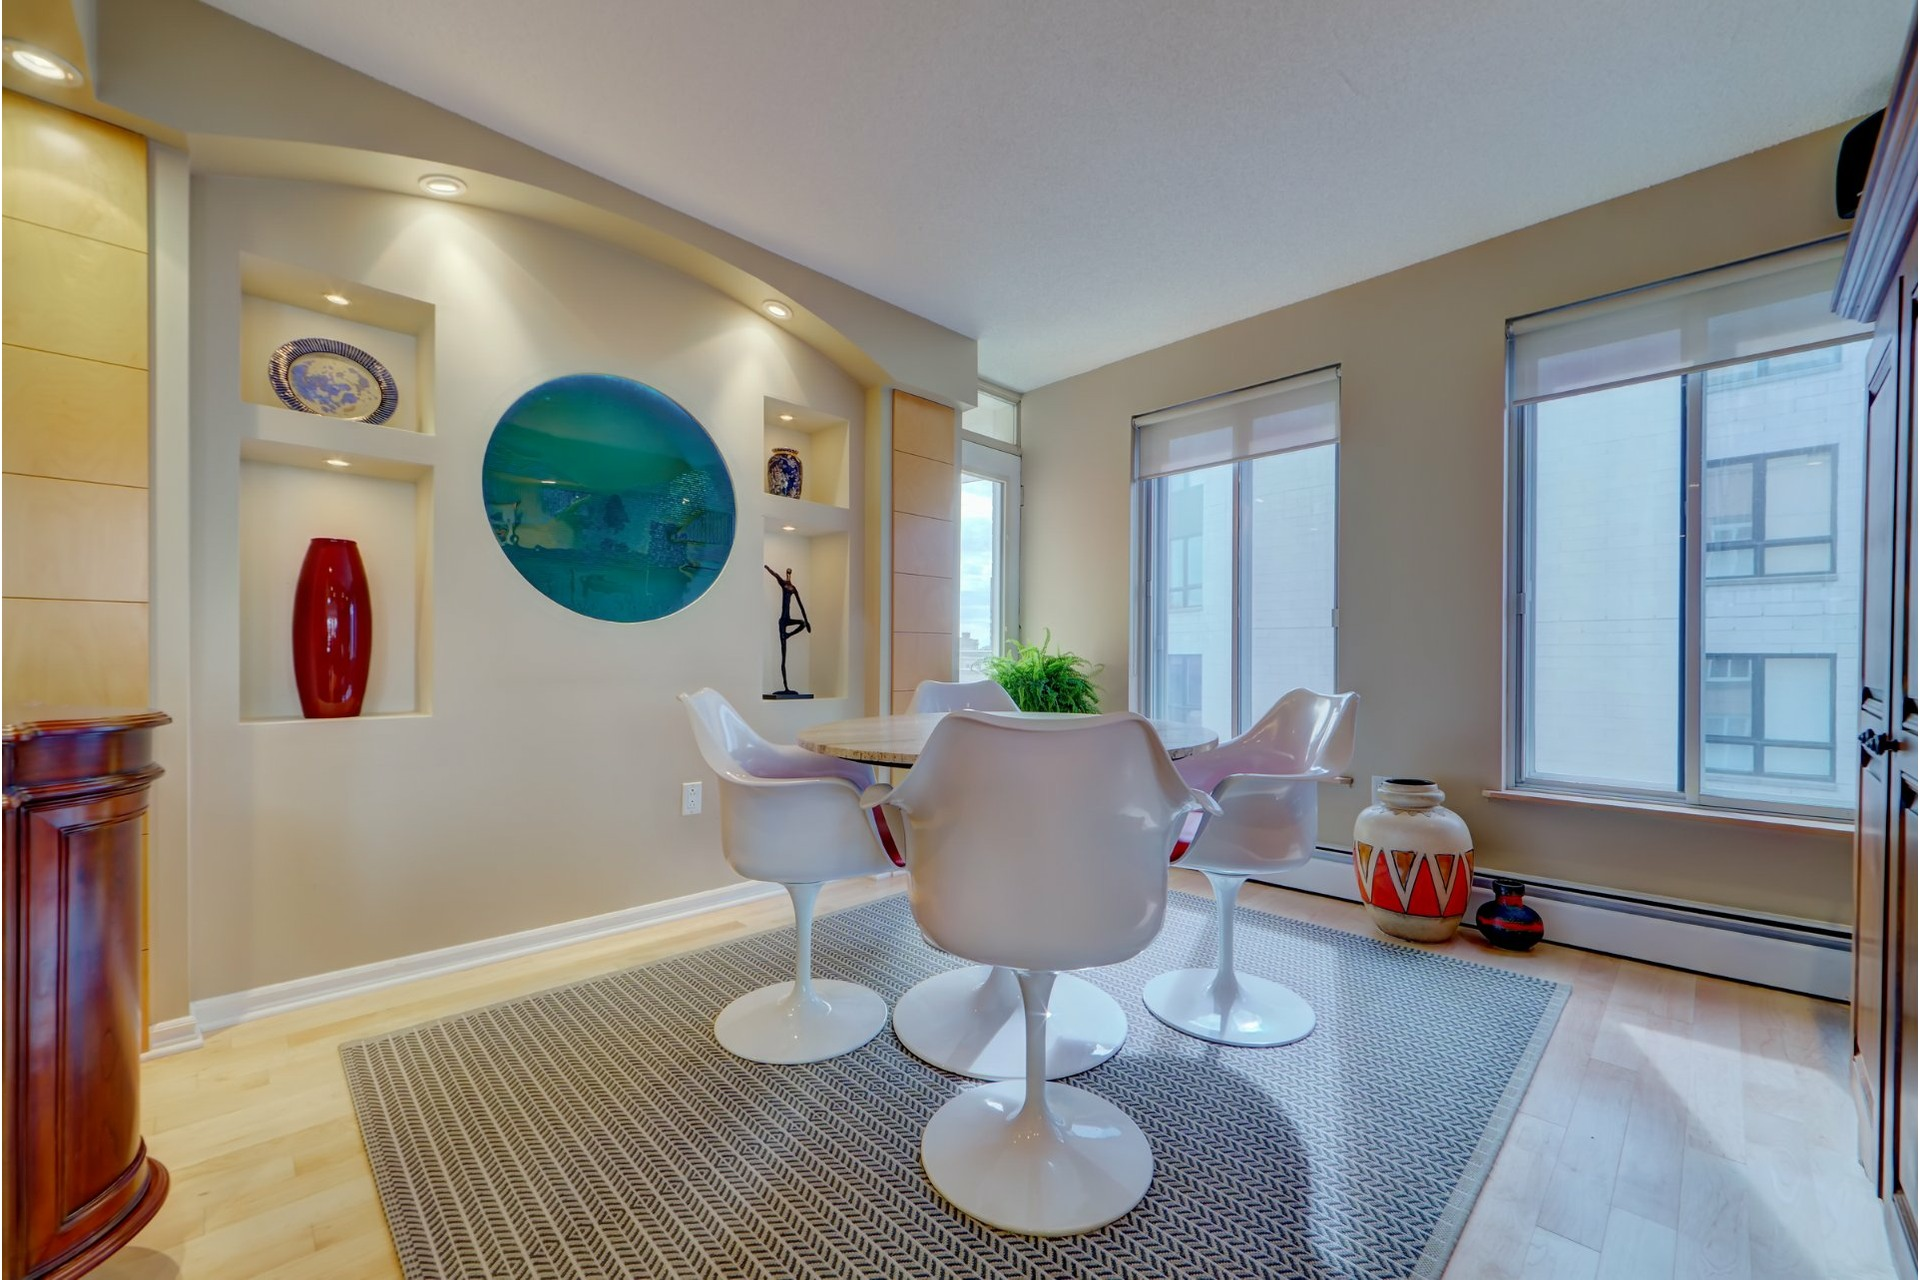 image 10 - Appartement À vendre Montréal Ville-Marie  - 5 pièces